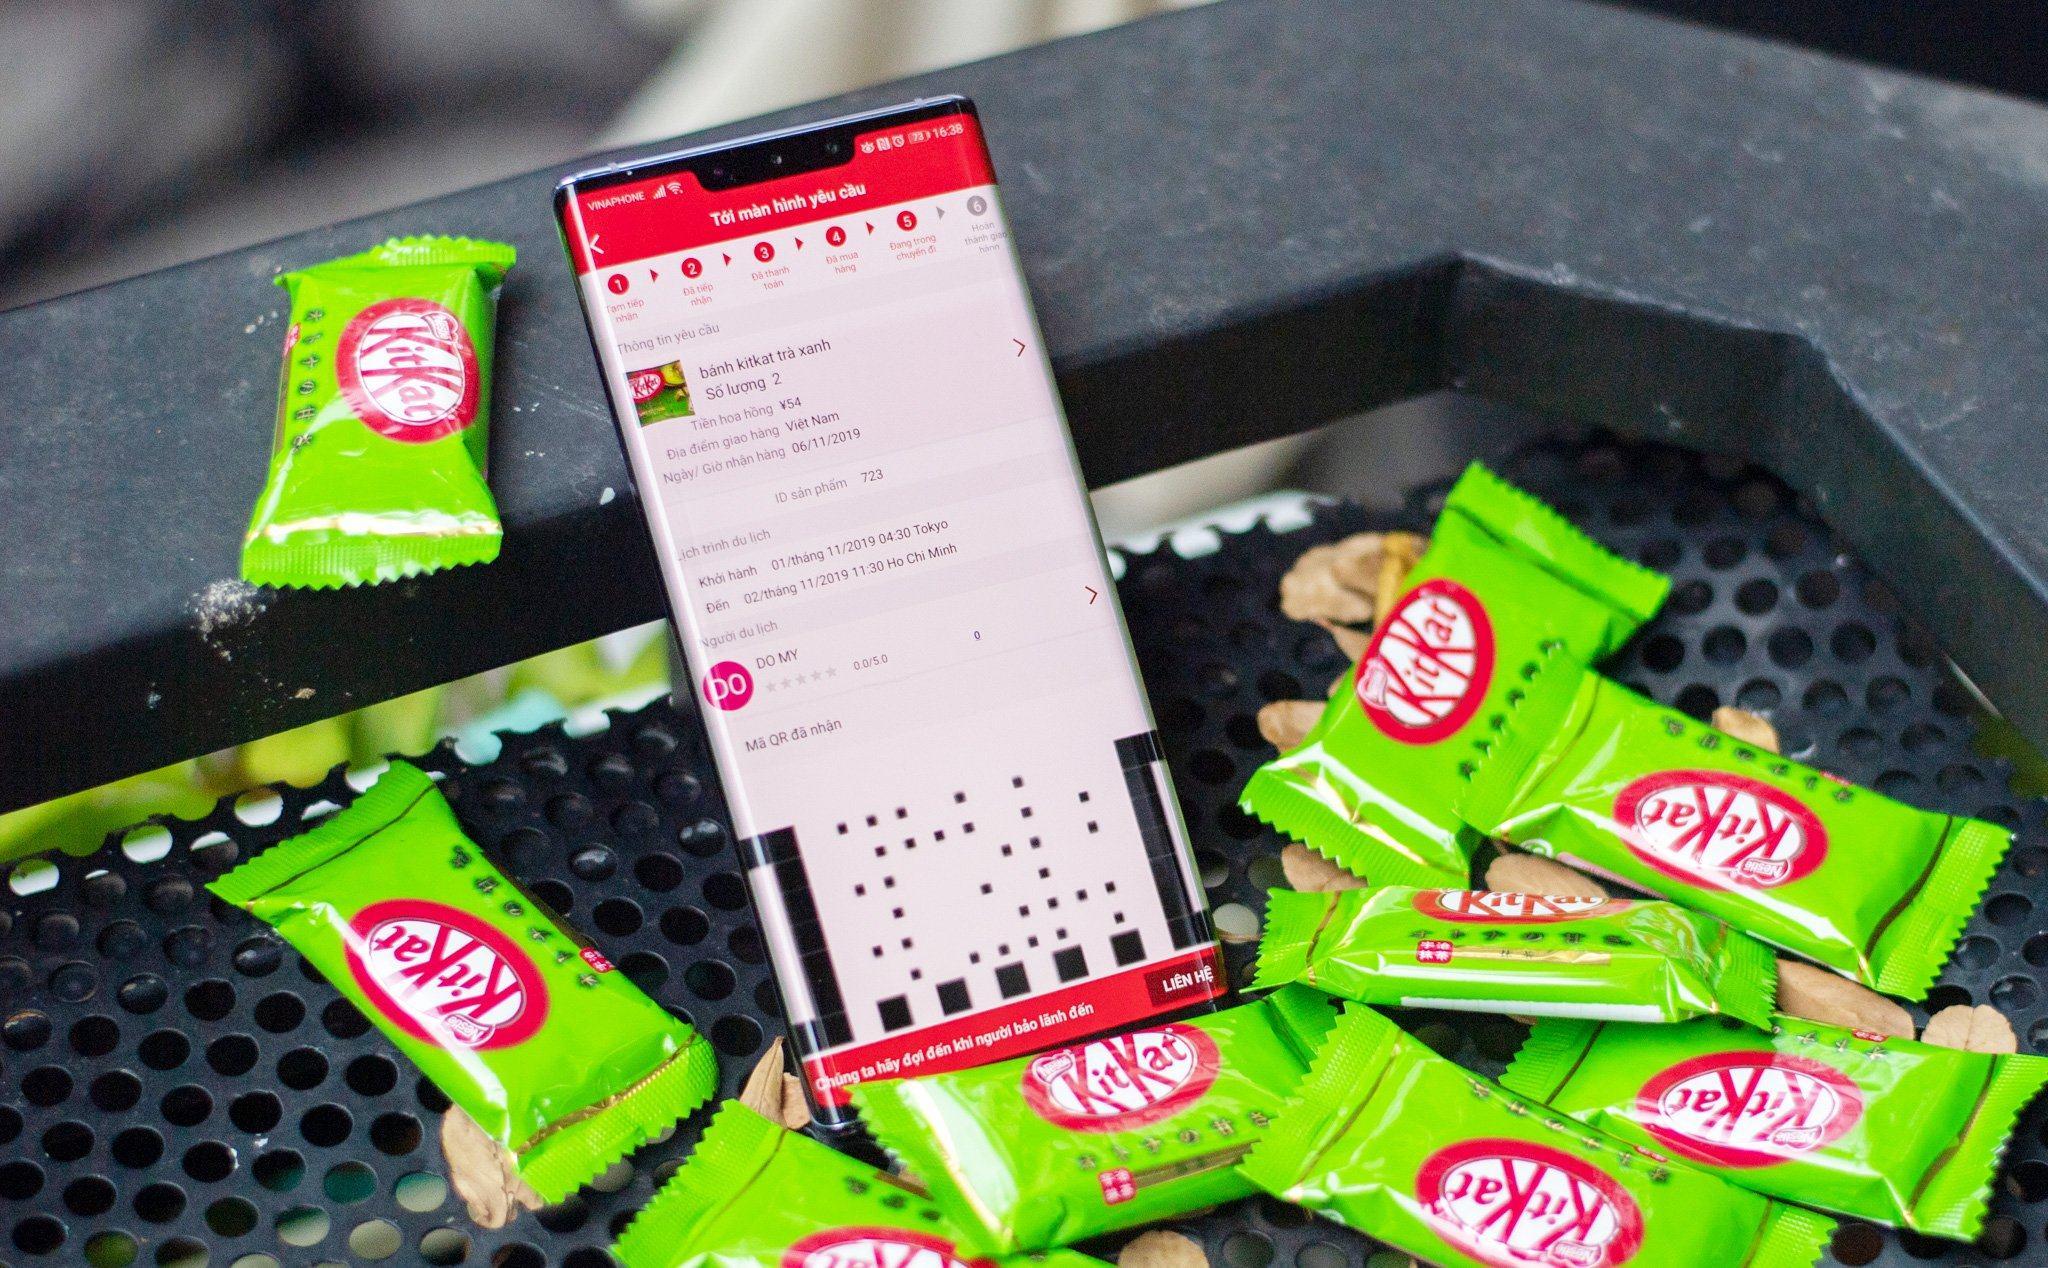 Dùng thử app nhờ mua hộ hàng Nhật Hakobiya: mua đồ Nhật xách tay đơn giản |  Tinh tế